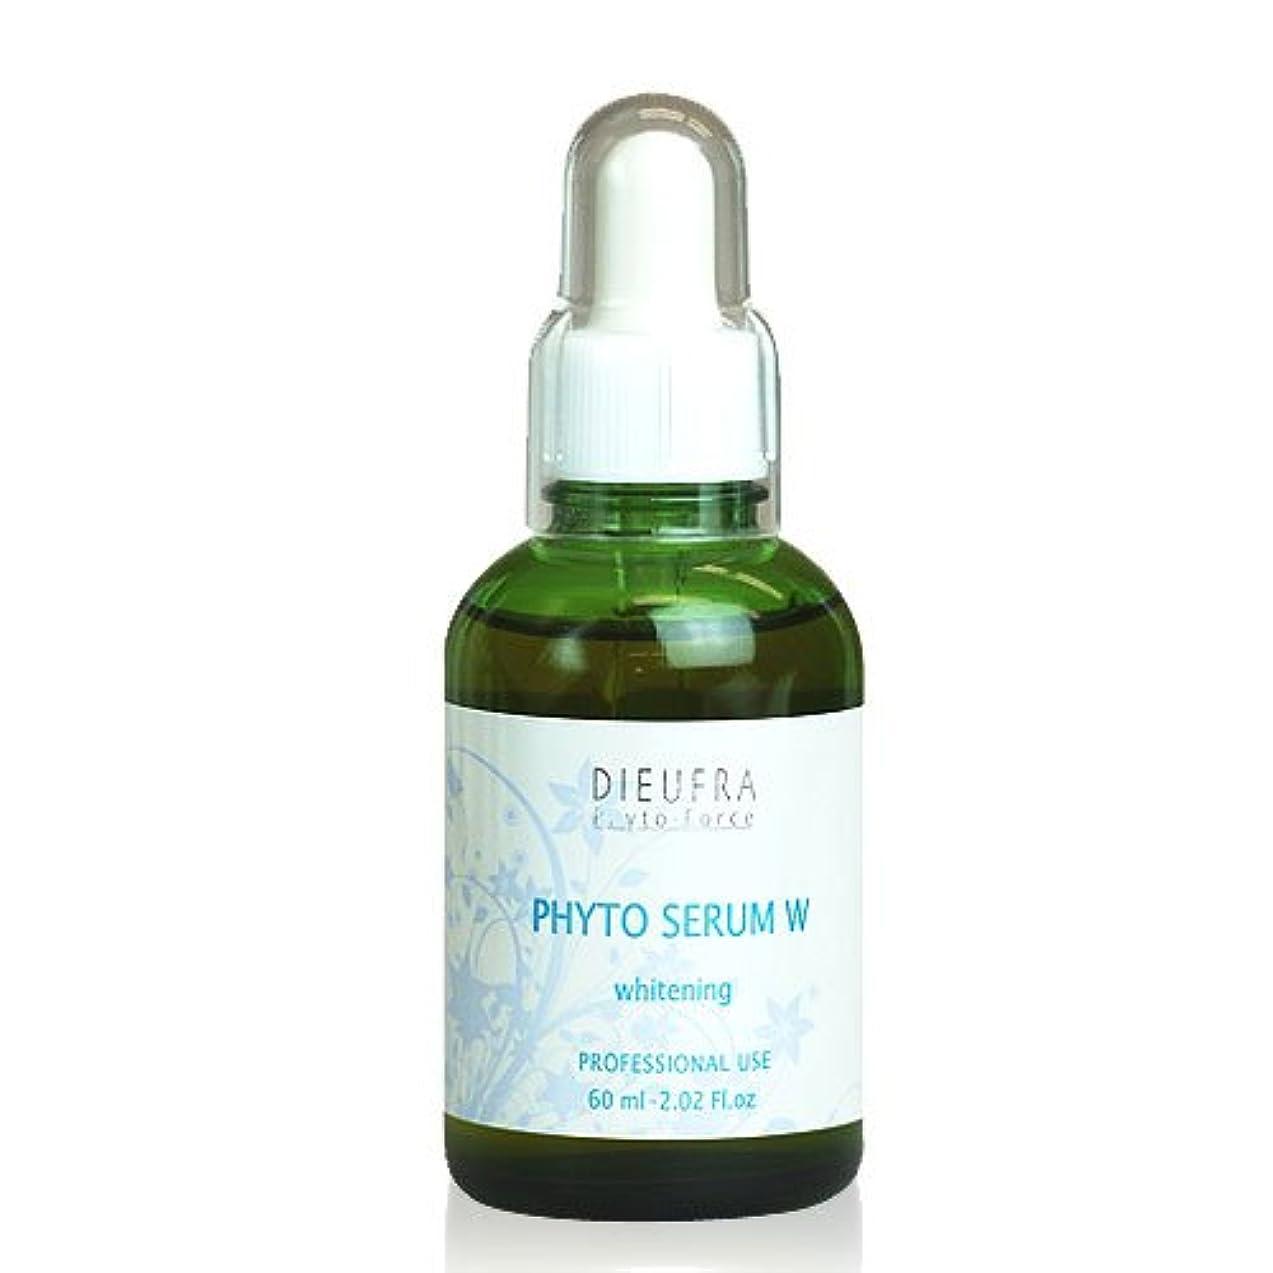 推測するディプロマ有名人デュフラ フィトフォース フィトセロムW ホワイトニング美容液 60ml